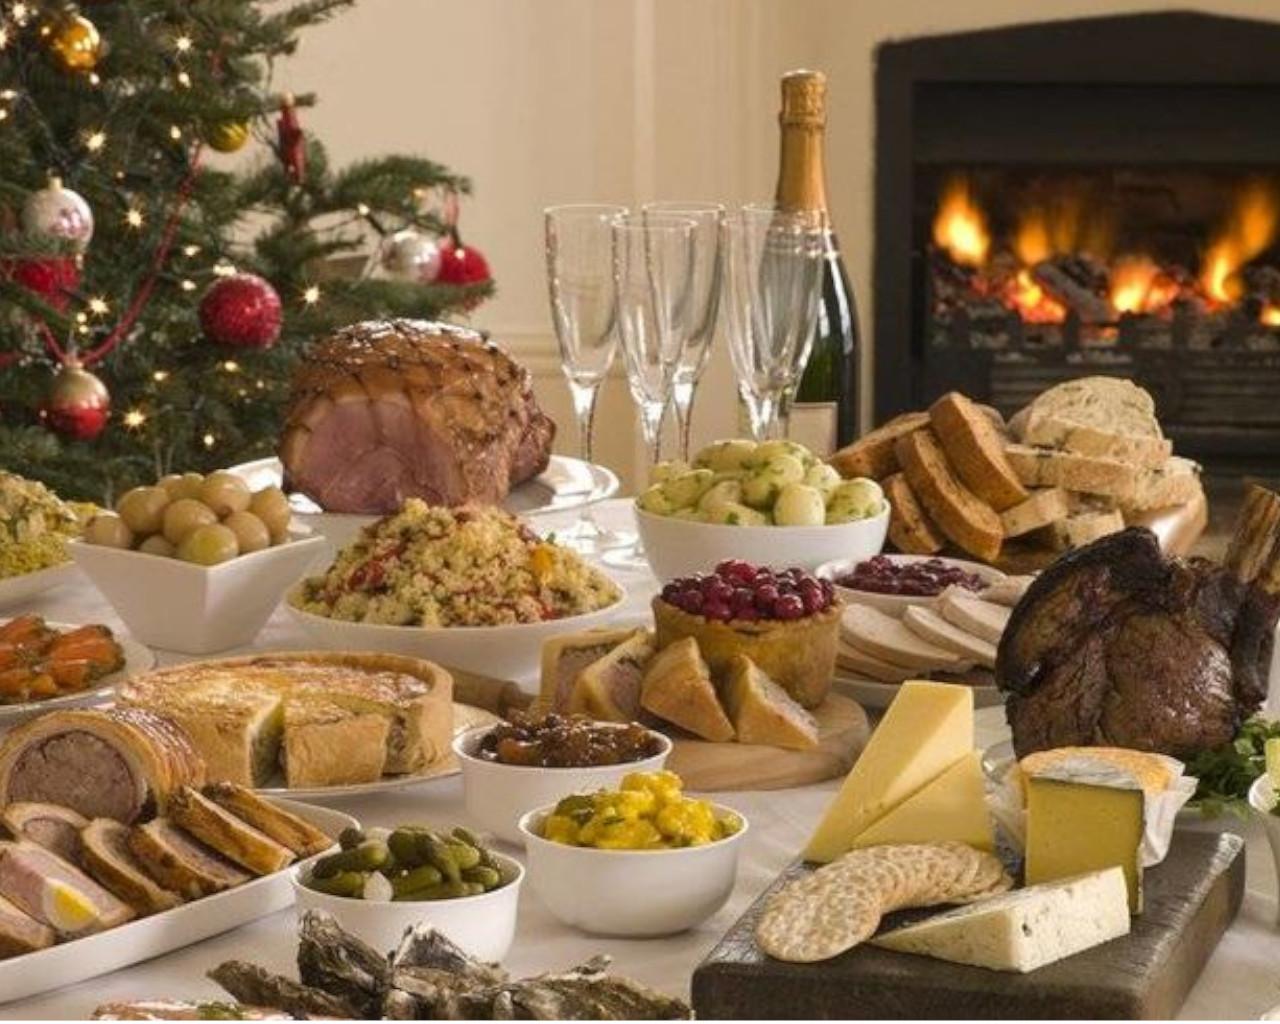 συνταγή, συνταγή για χοιρινό, χριστουγεννιάτικη συνταγή, χριστουγεννιάτικο τραπέζι